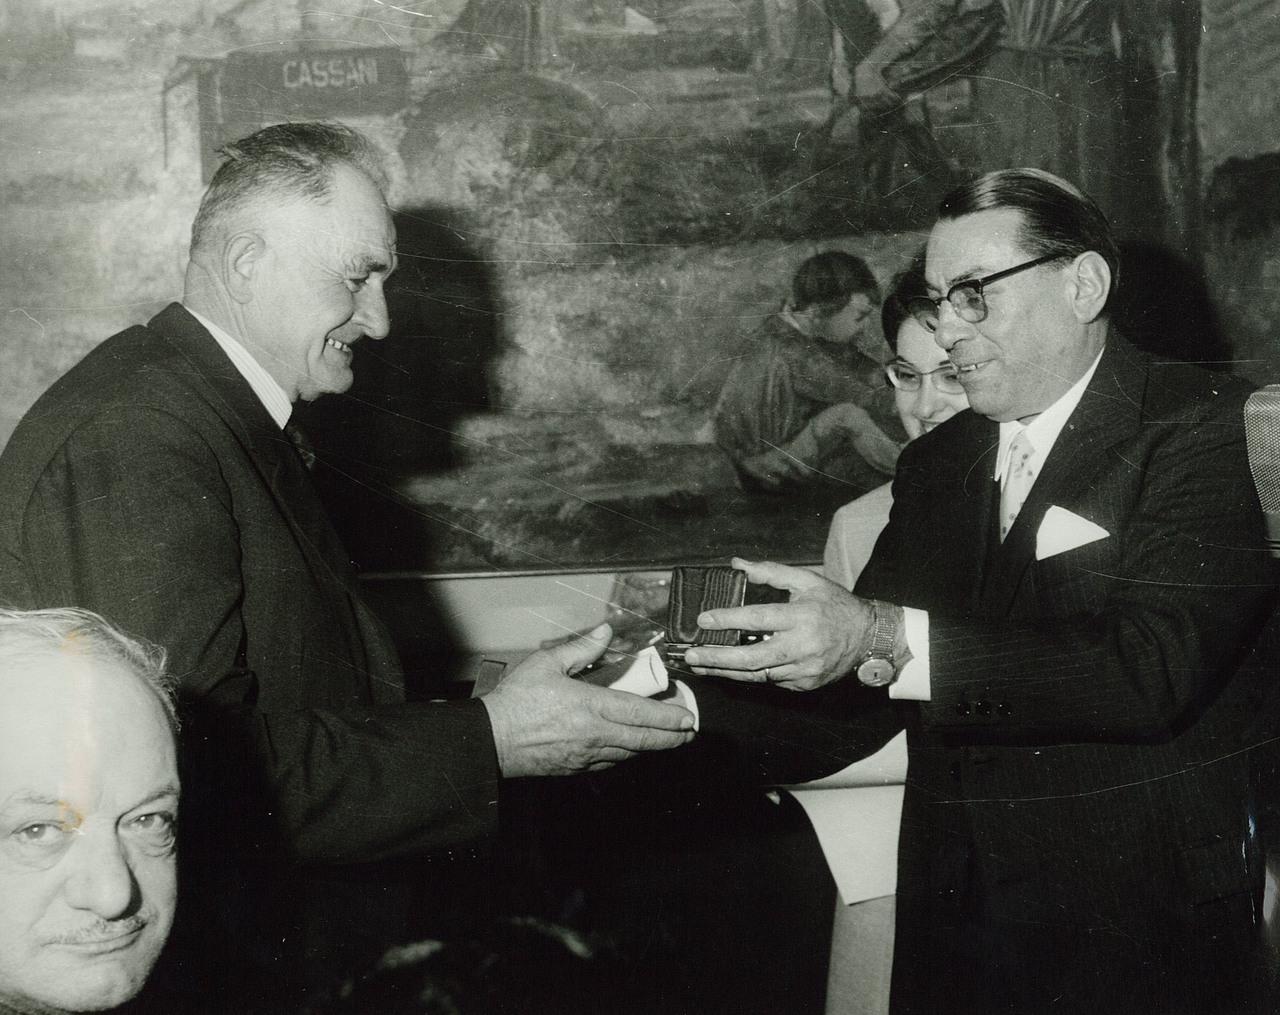 Ing. F. Cassani premia il concessionario Sig. Cavagliato